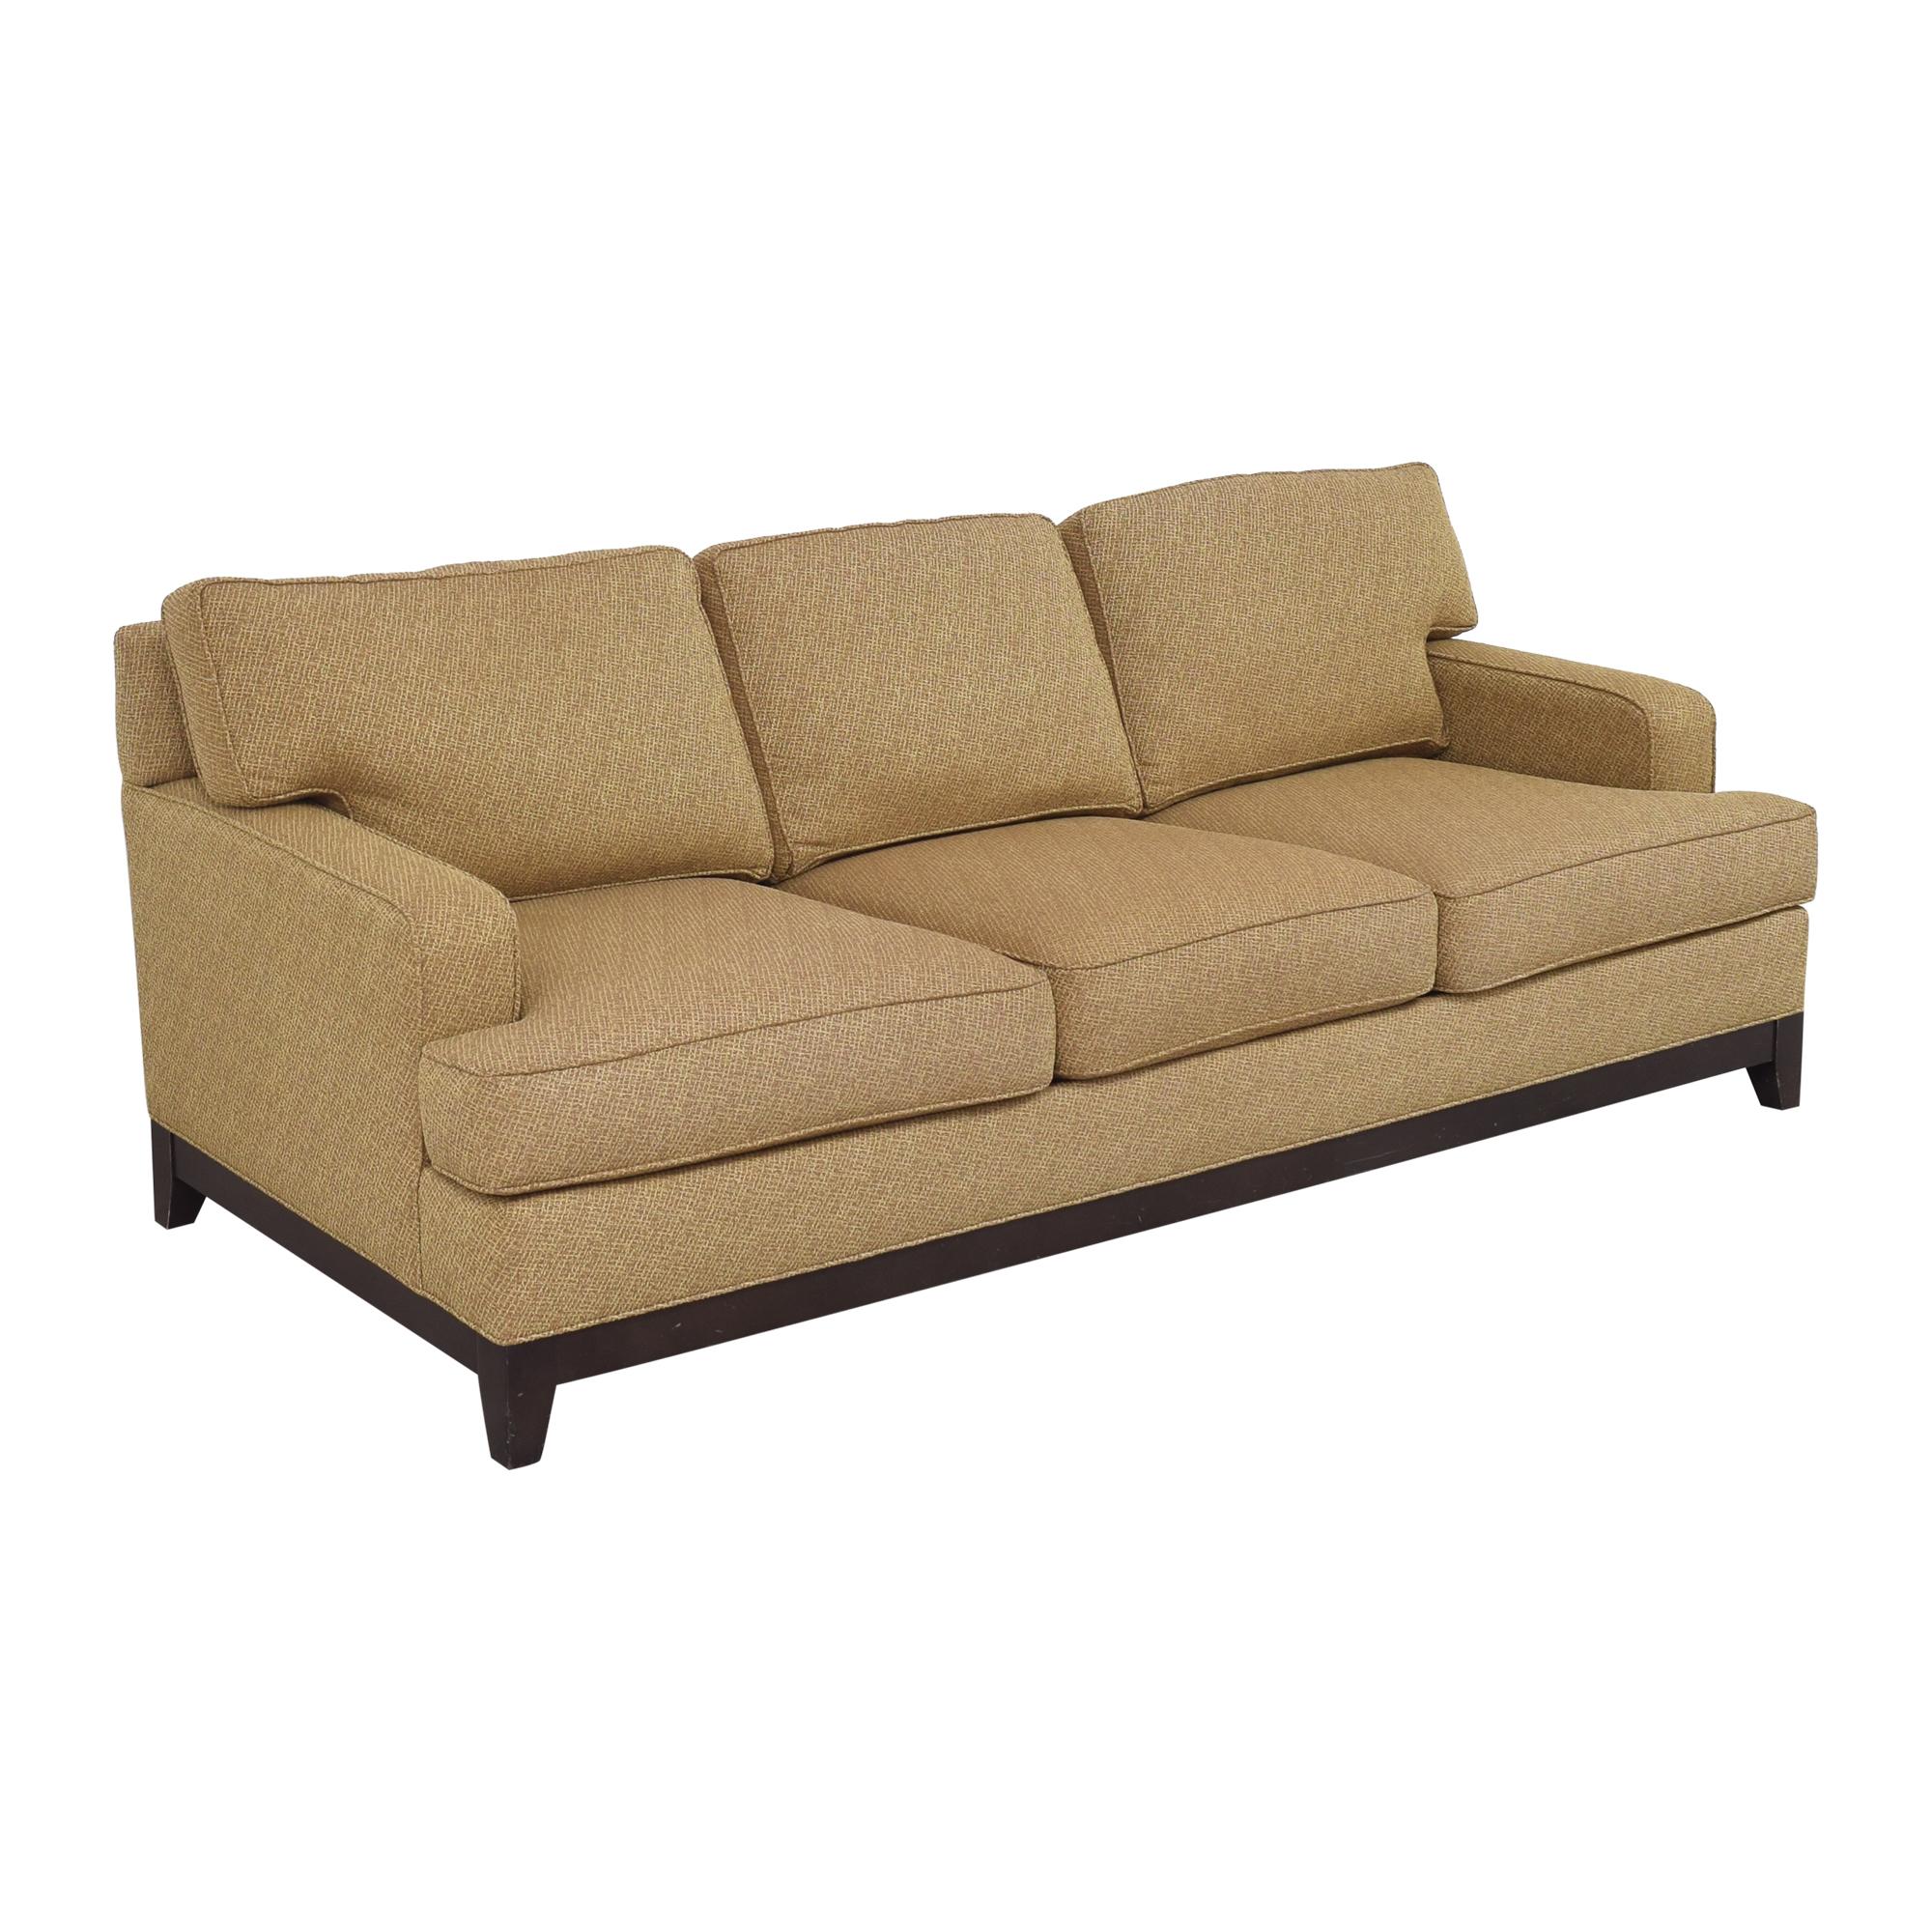 buy Ethan Allen Arcata Sofa Ethan Allen Classic Sofas